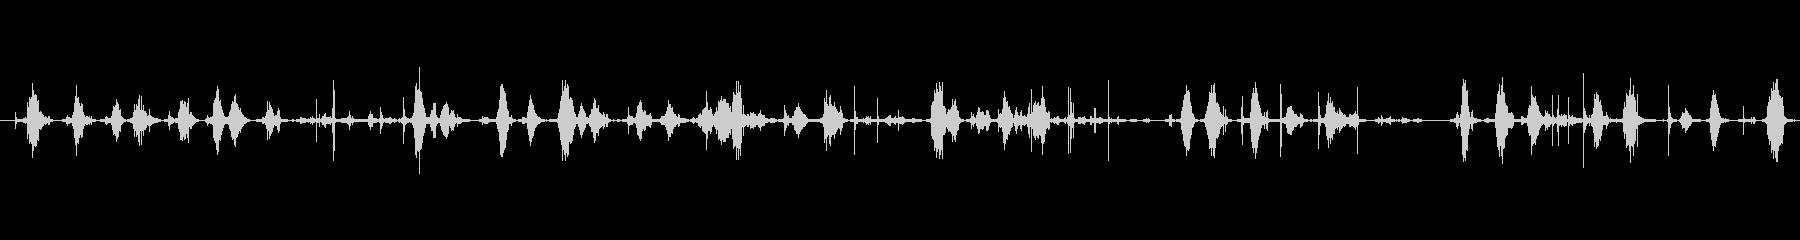 【シャープペン01-02(書く)】の未再生の波形